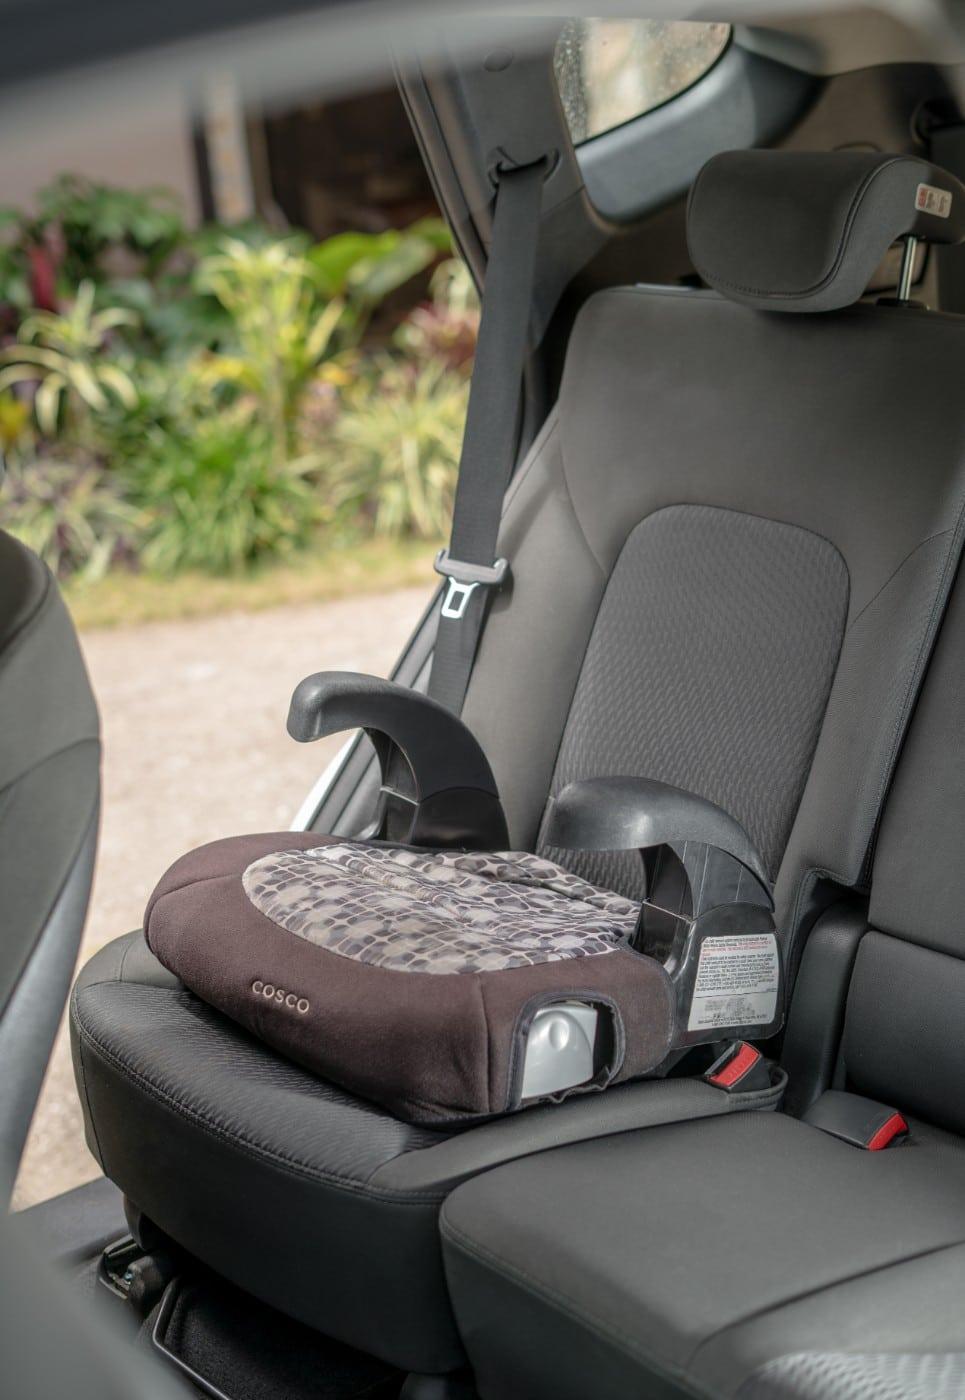 Alquiler de silla de beb y otros accesorios opcionales al rentar su carro - Alquiler coche con silla bebe ...